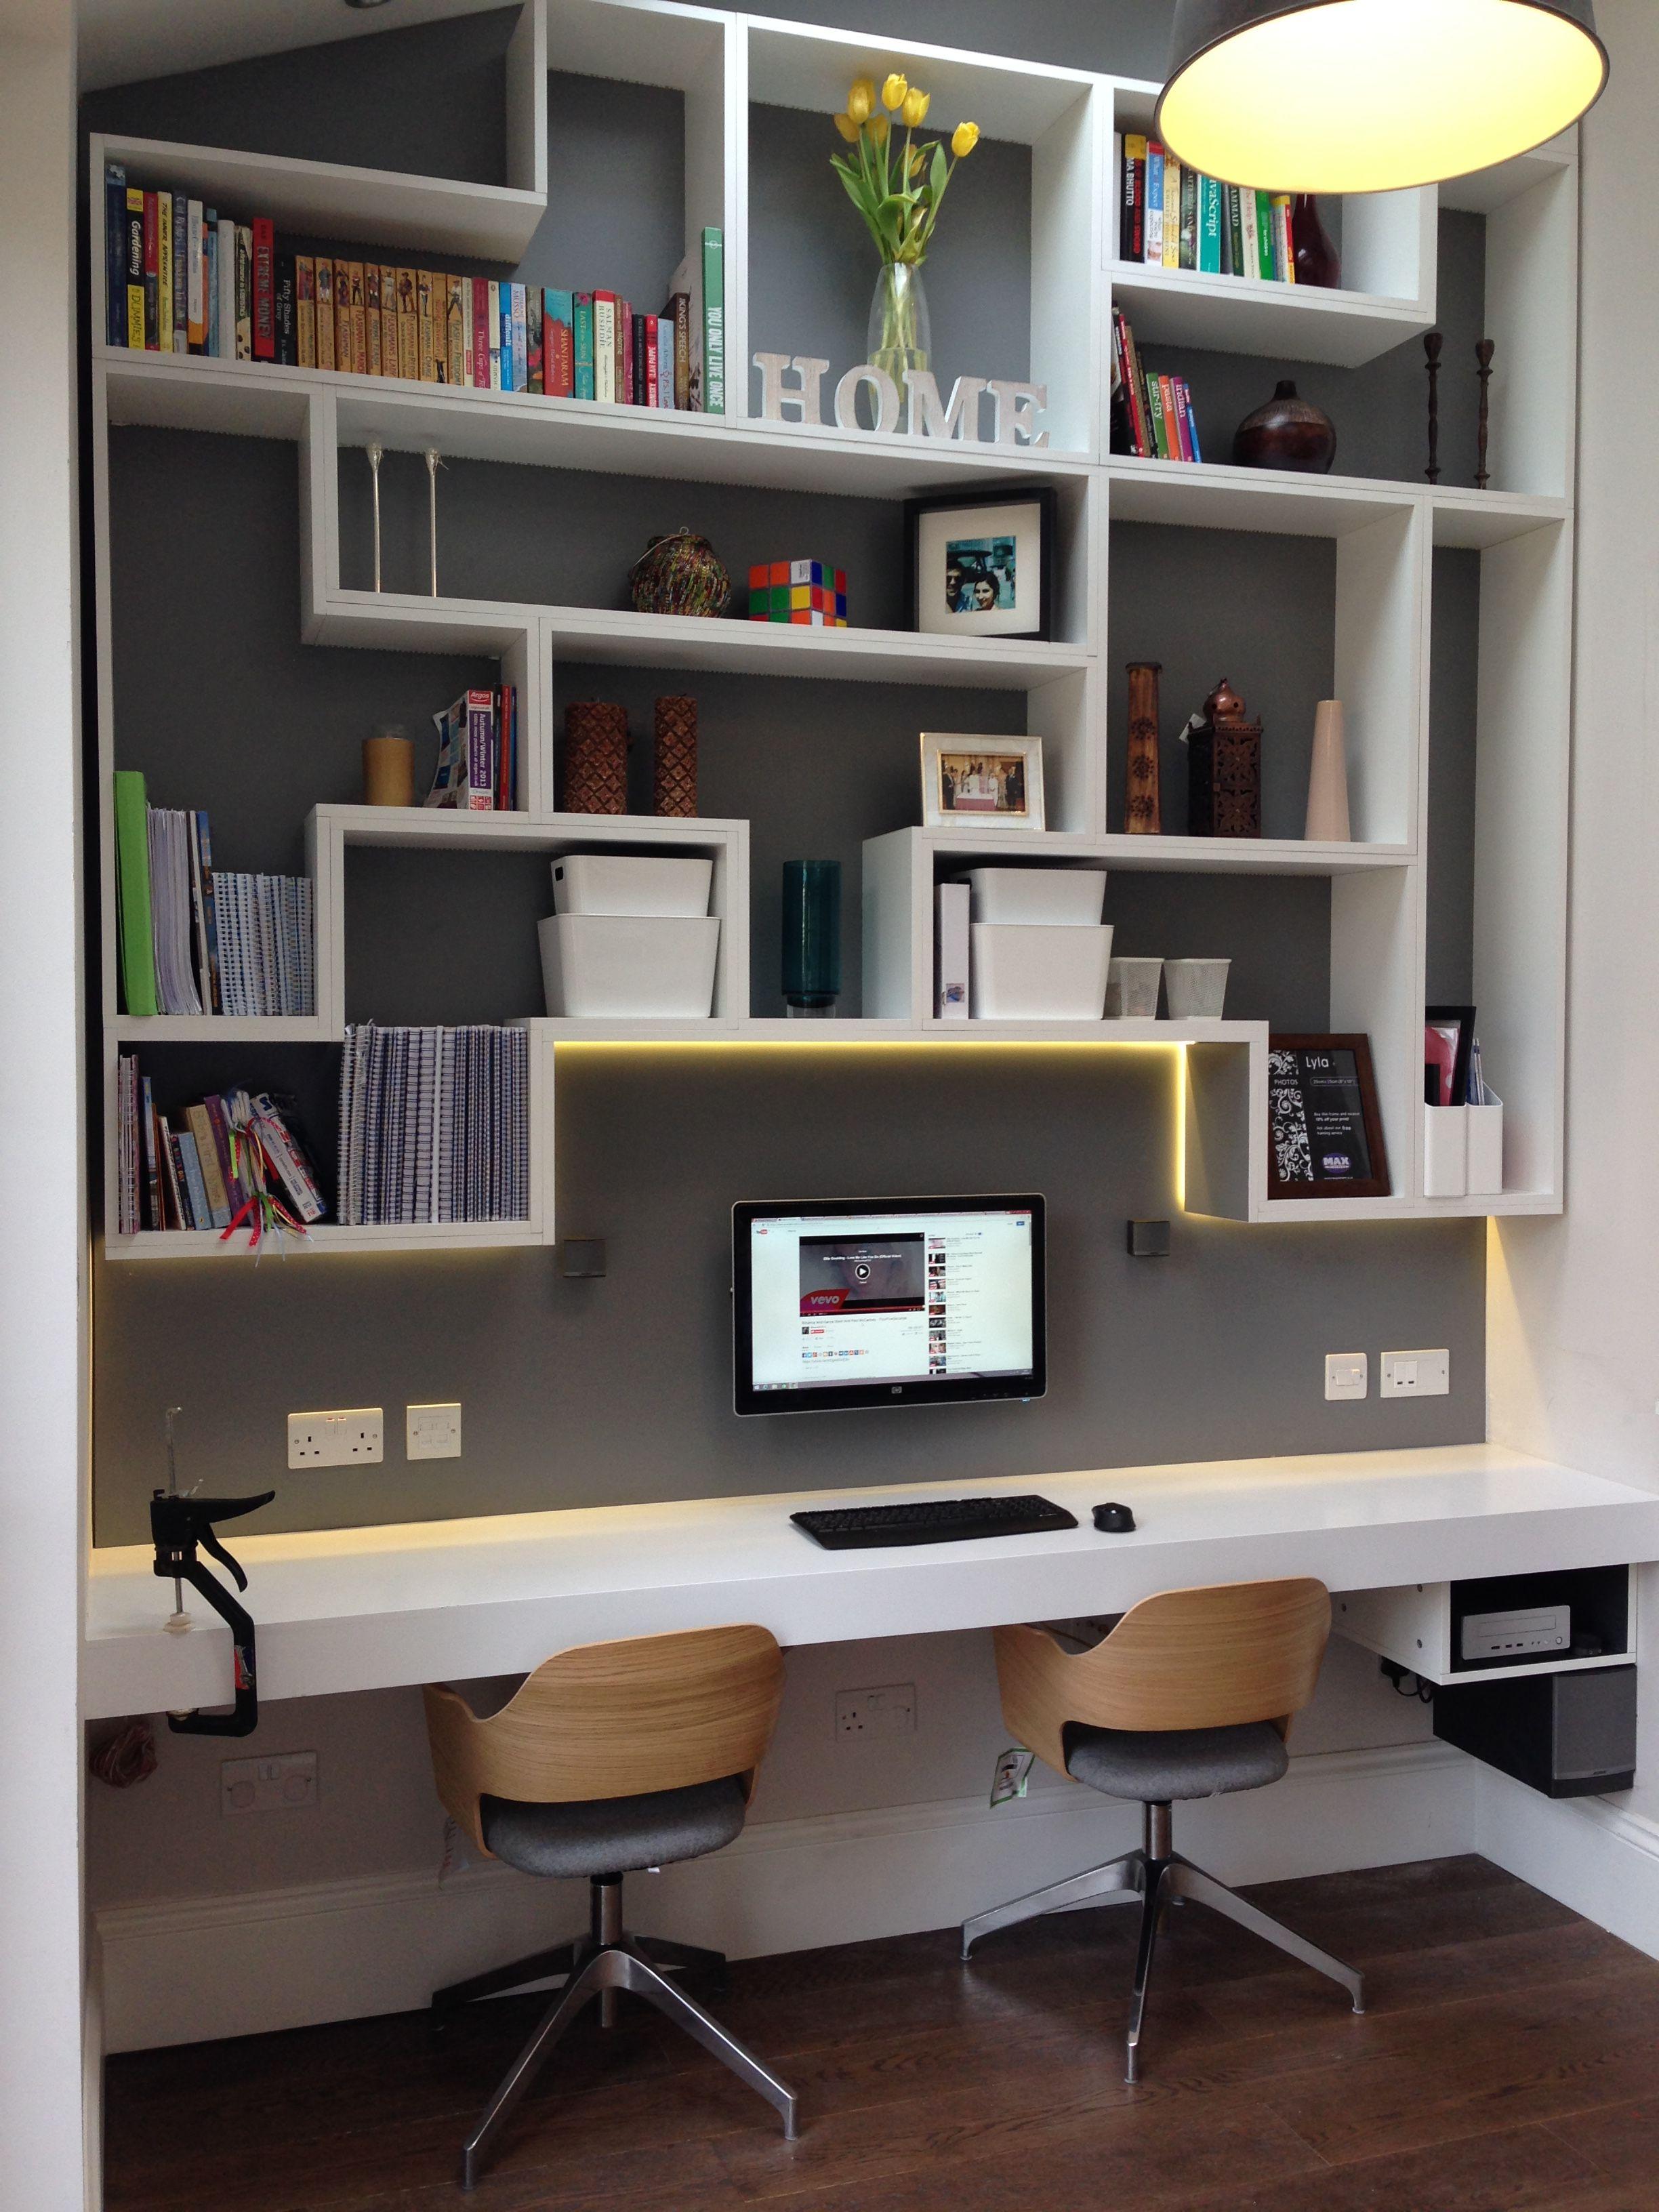 Pin von Hedi auf Bureaux | Pinterest | Arbeitszimmer, Büros und ...